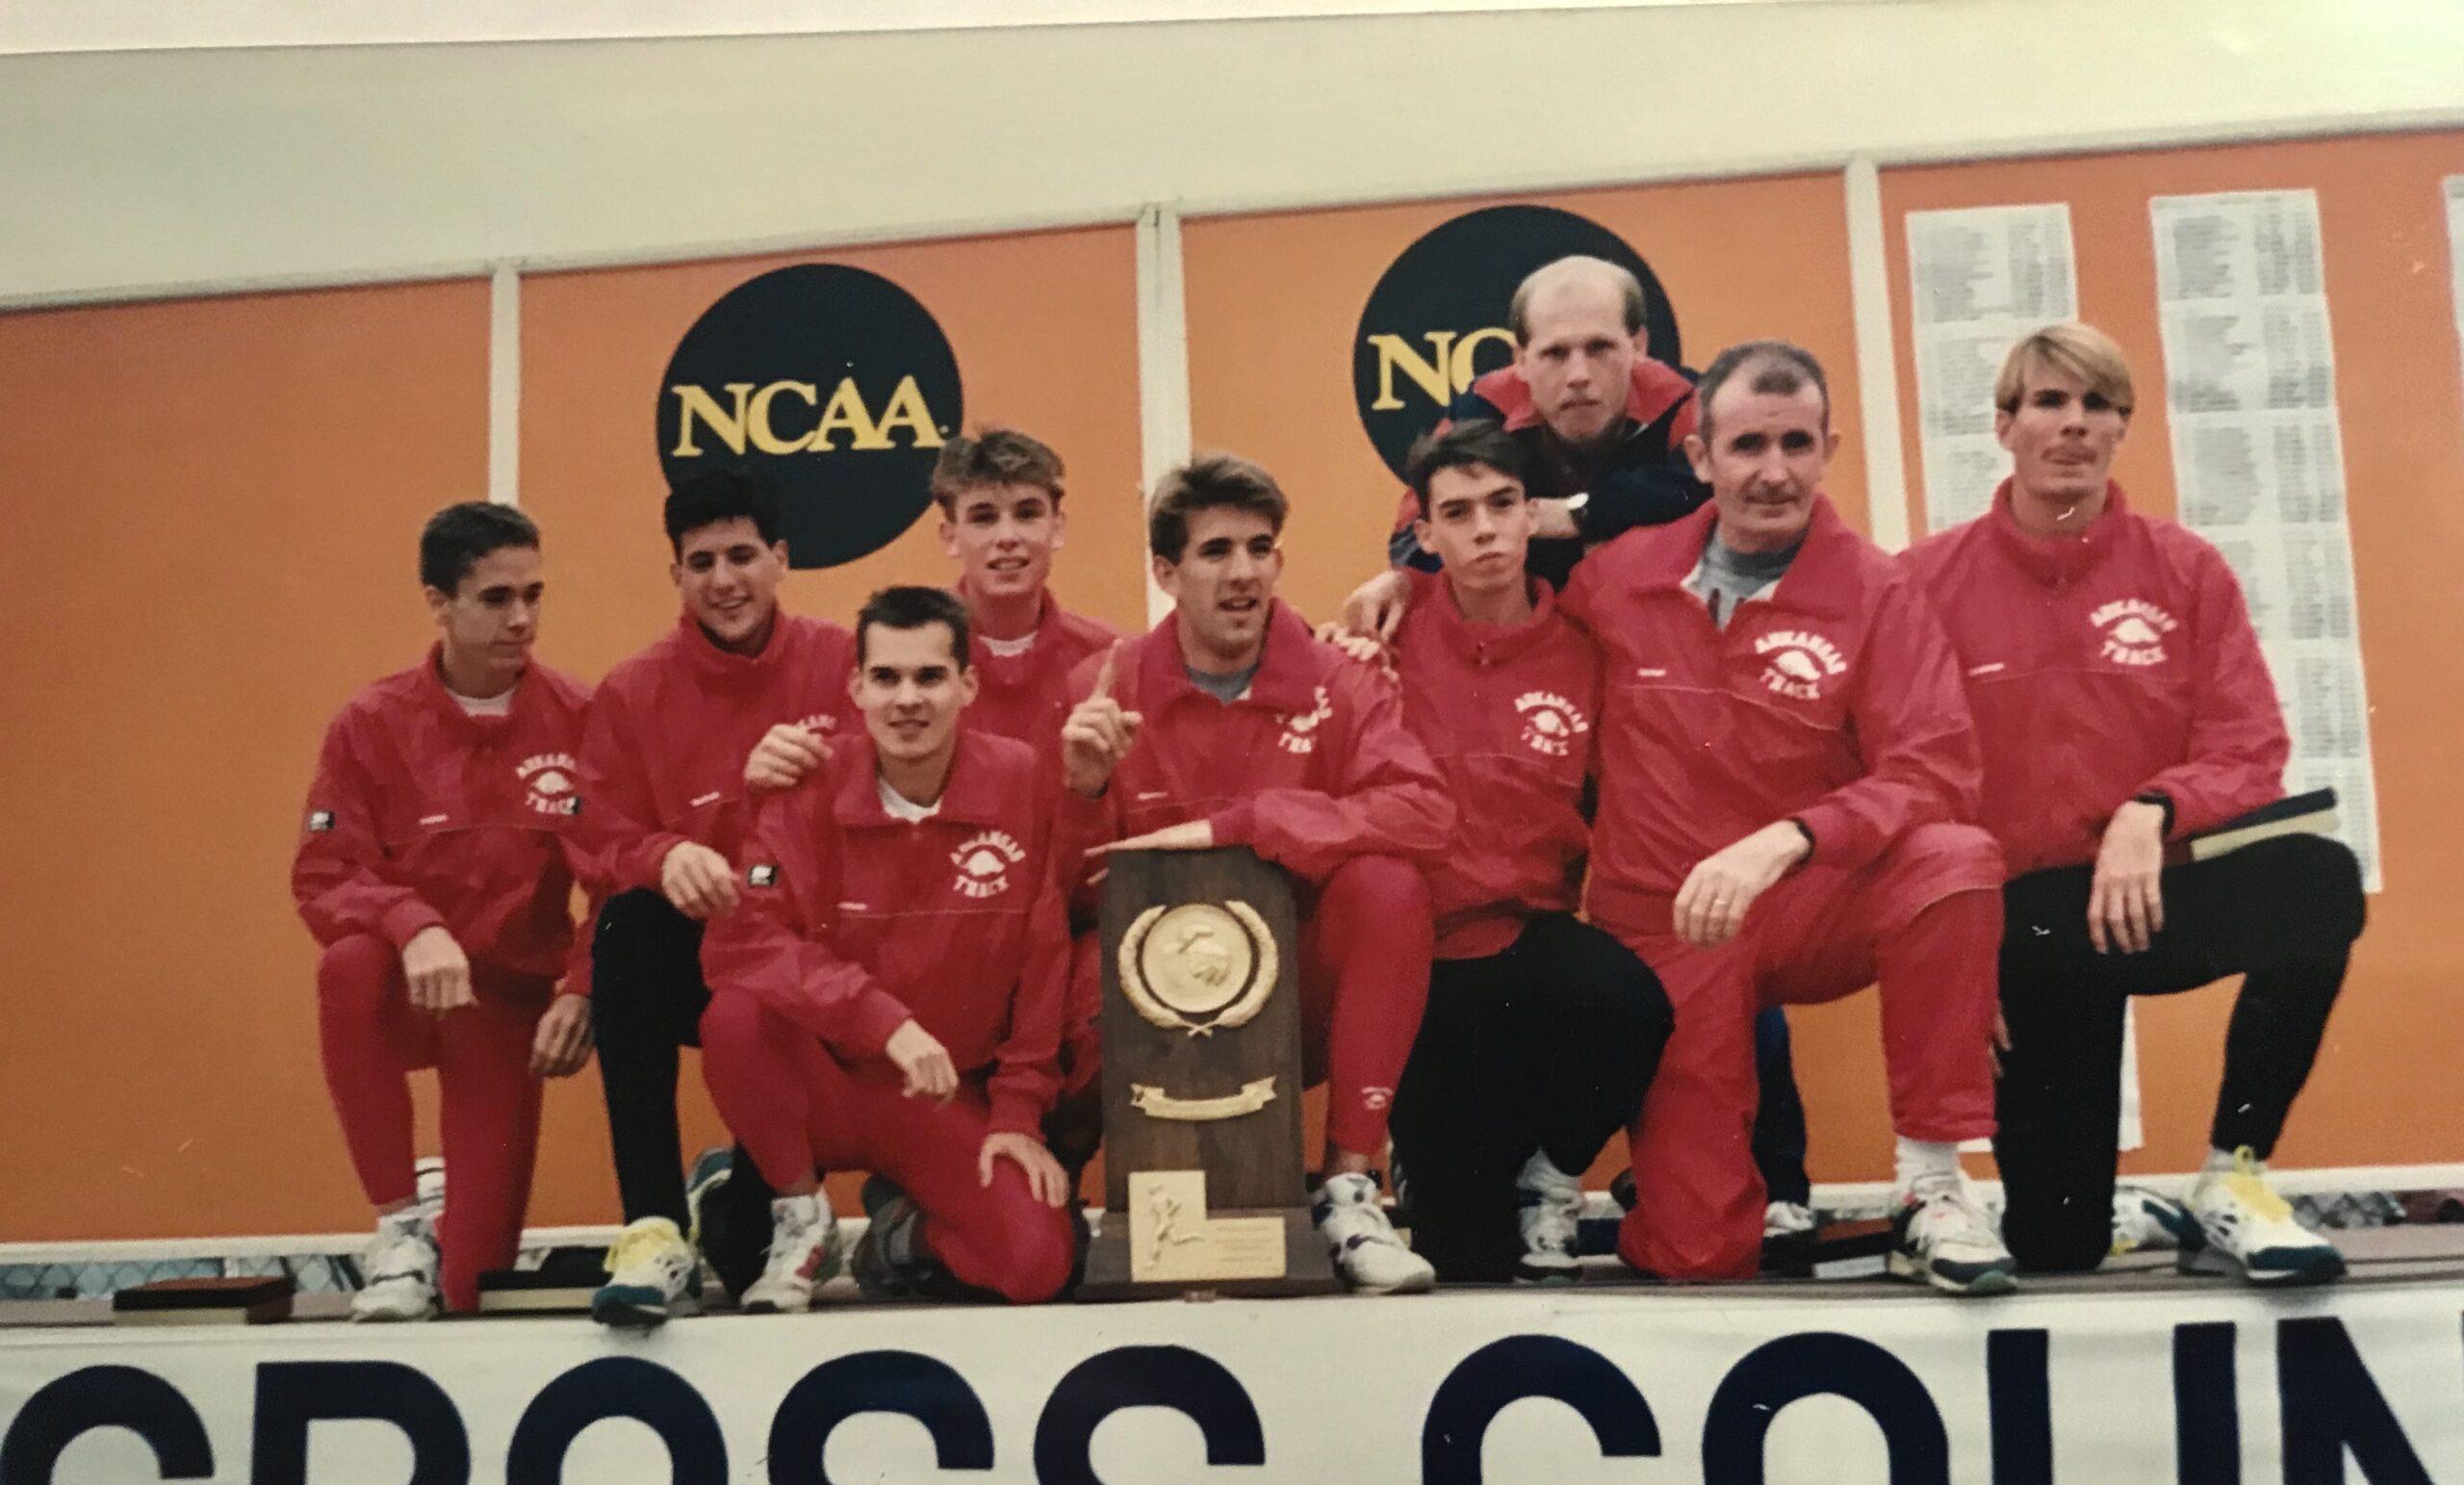 1990 NCAA XC